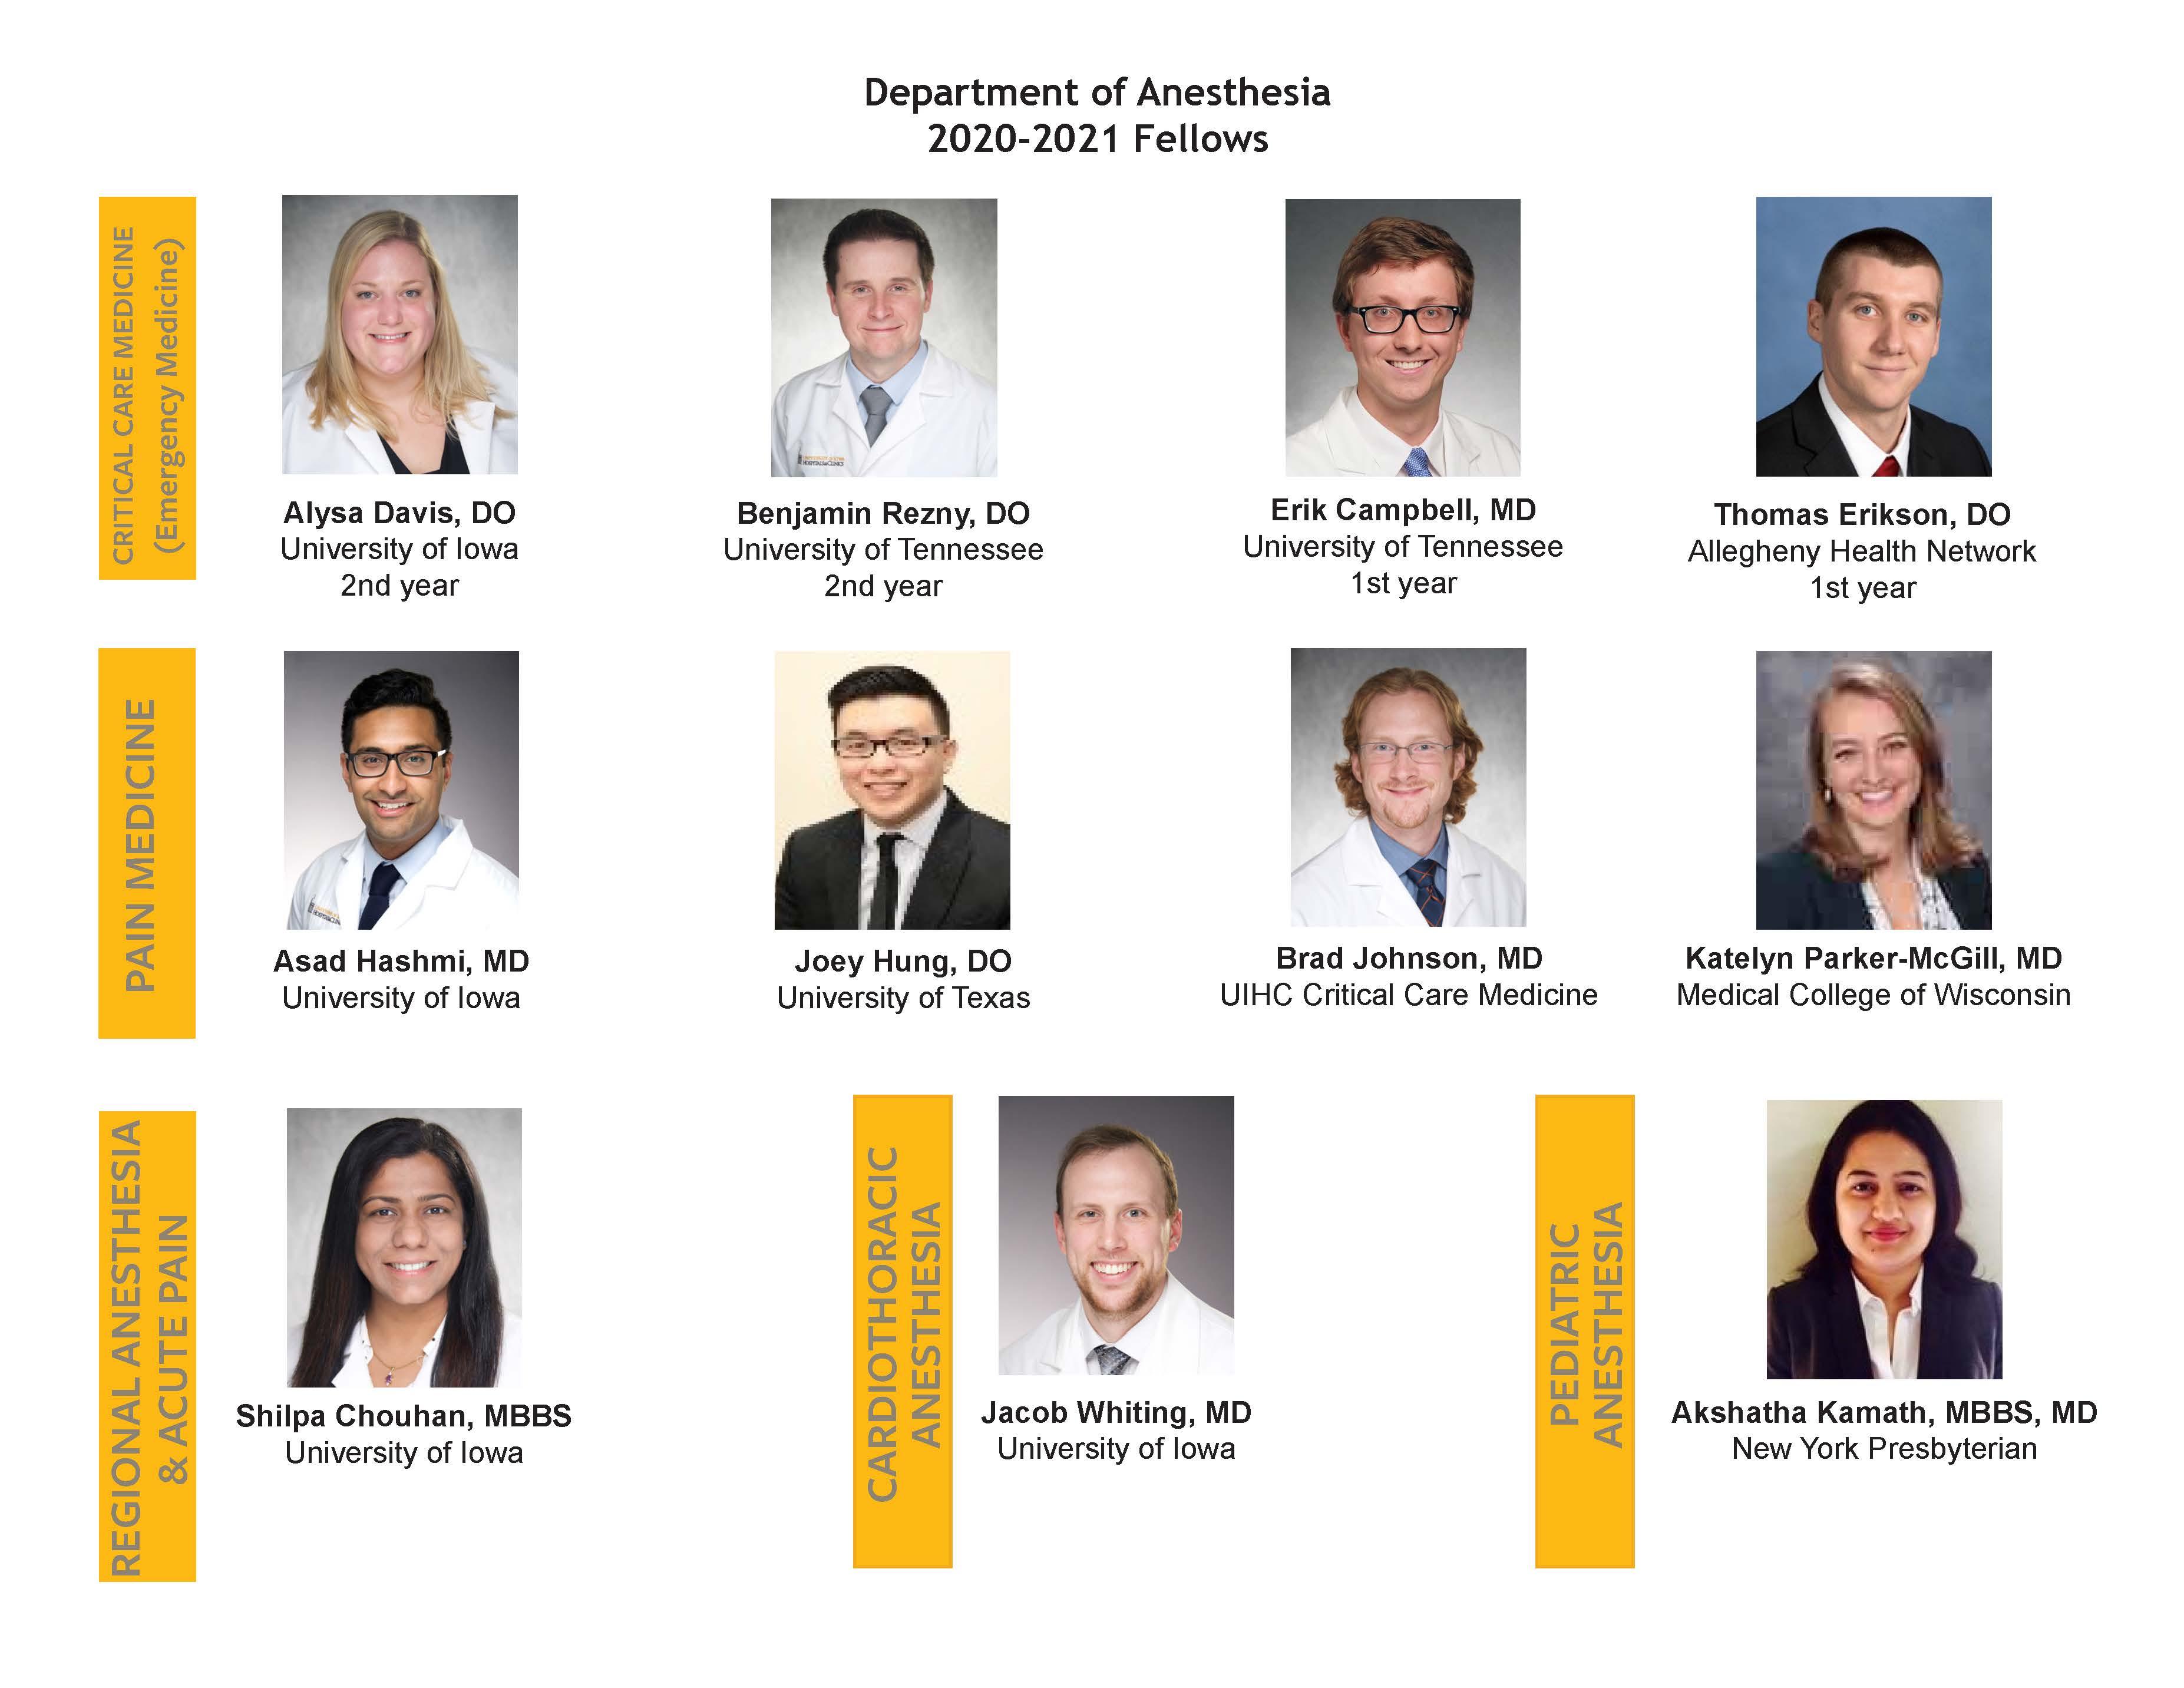 2020-2021 Anesthesia Fellows